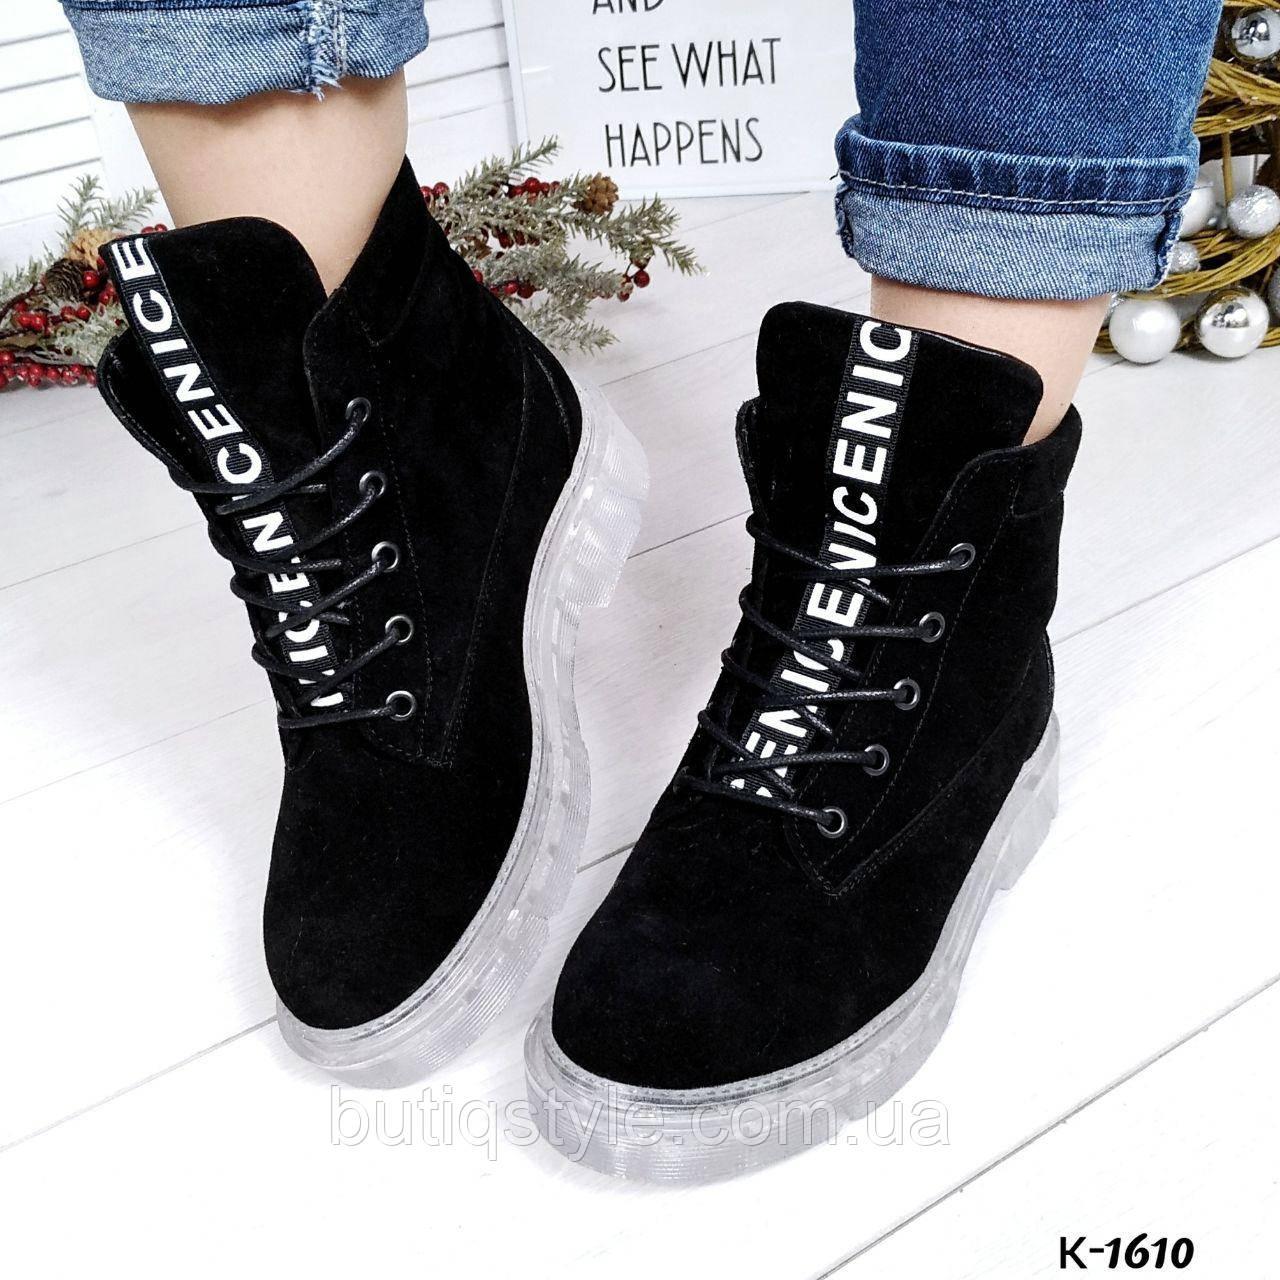 Зимние черные ботинки натуральная замша на прозрачной подошве